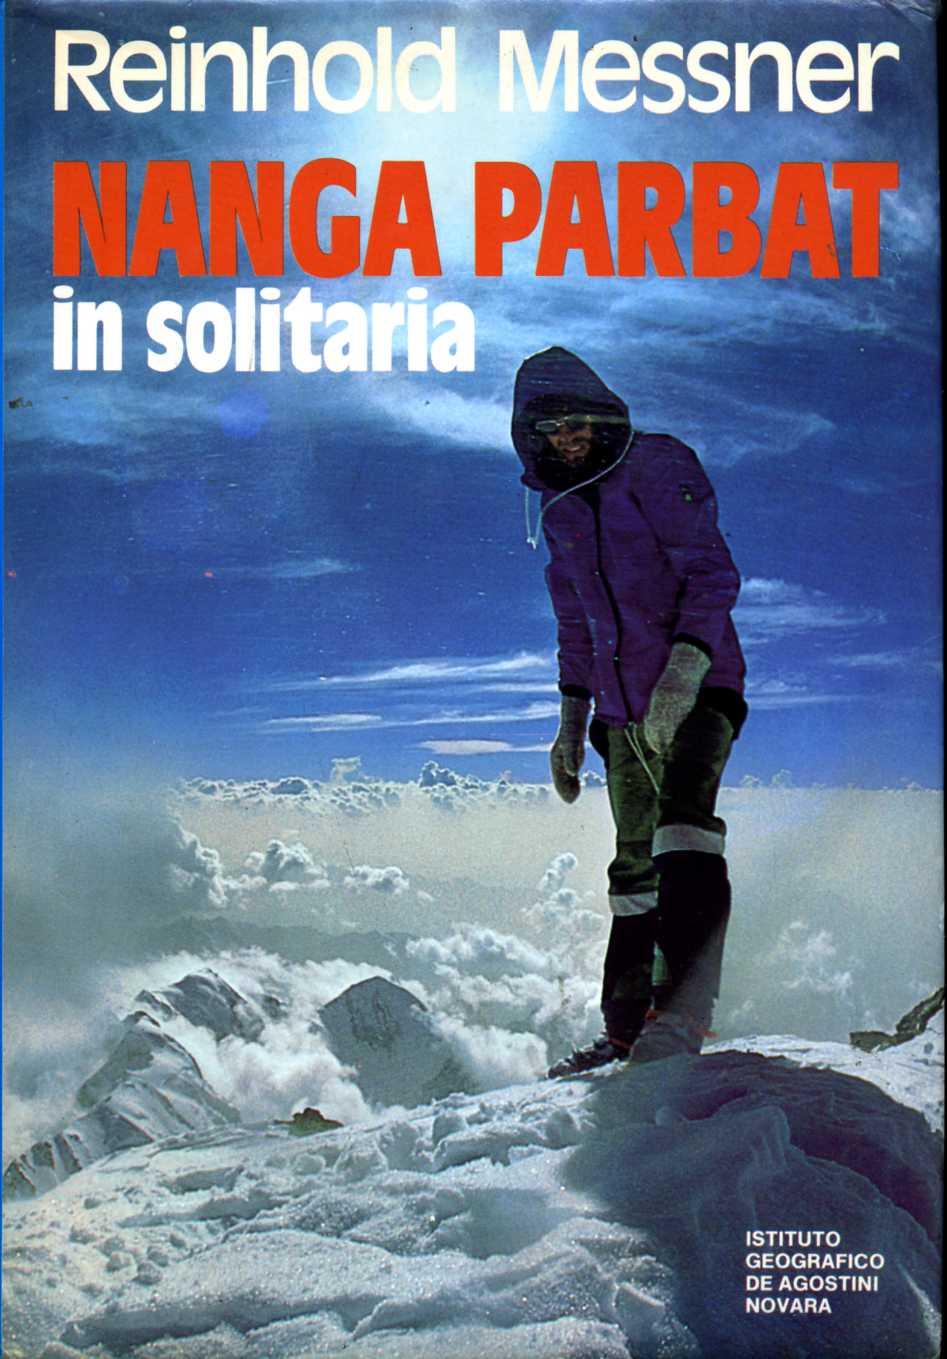 Nanga Parbat in solitaria